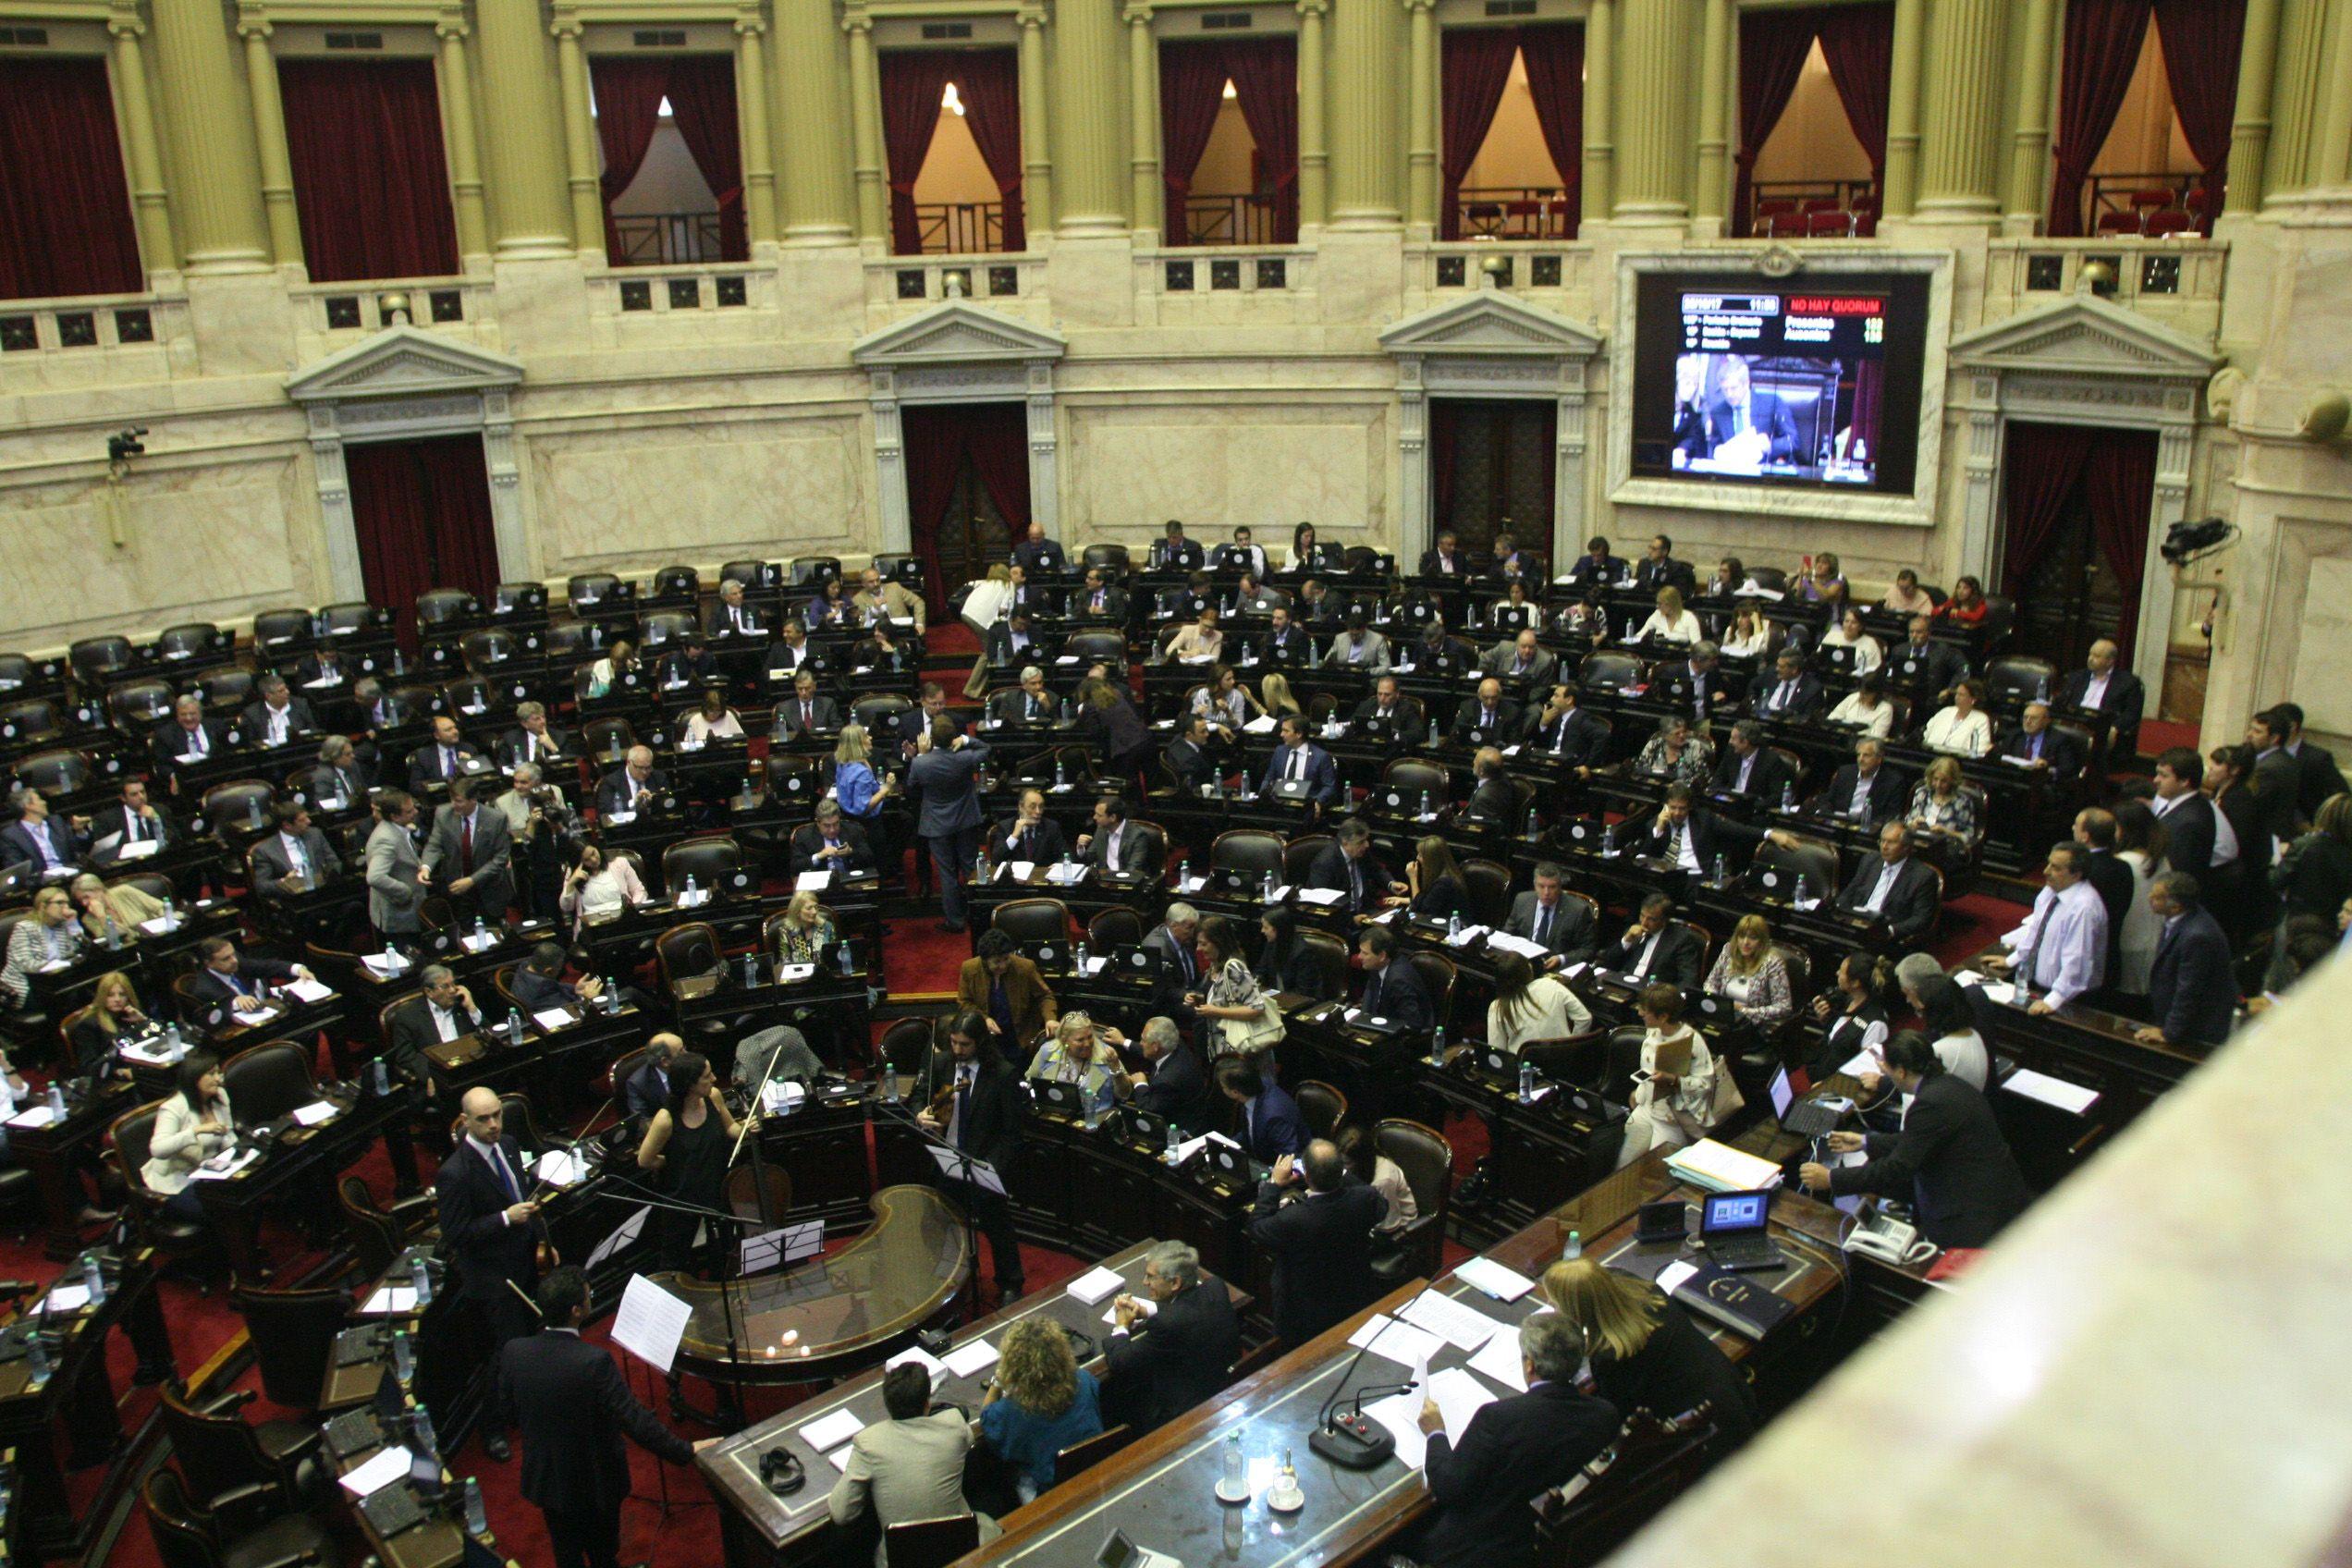 La votación del desafuero en Diputados (Foto: Ignacio Petunchi)